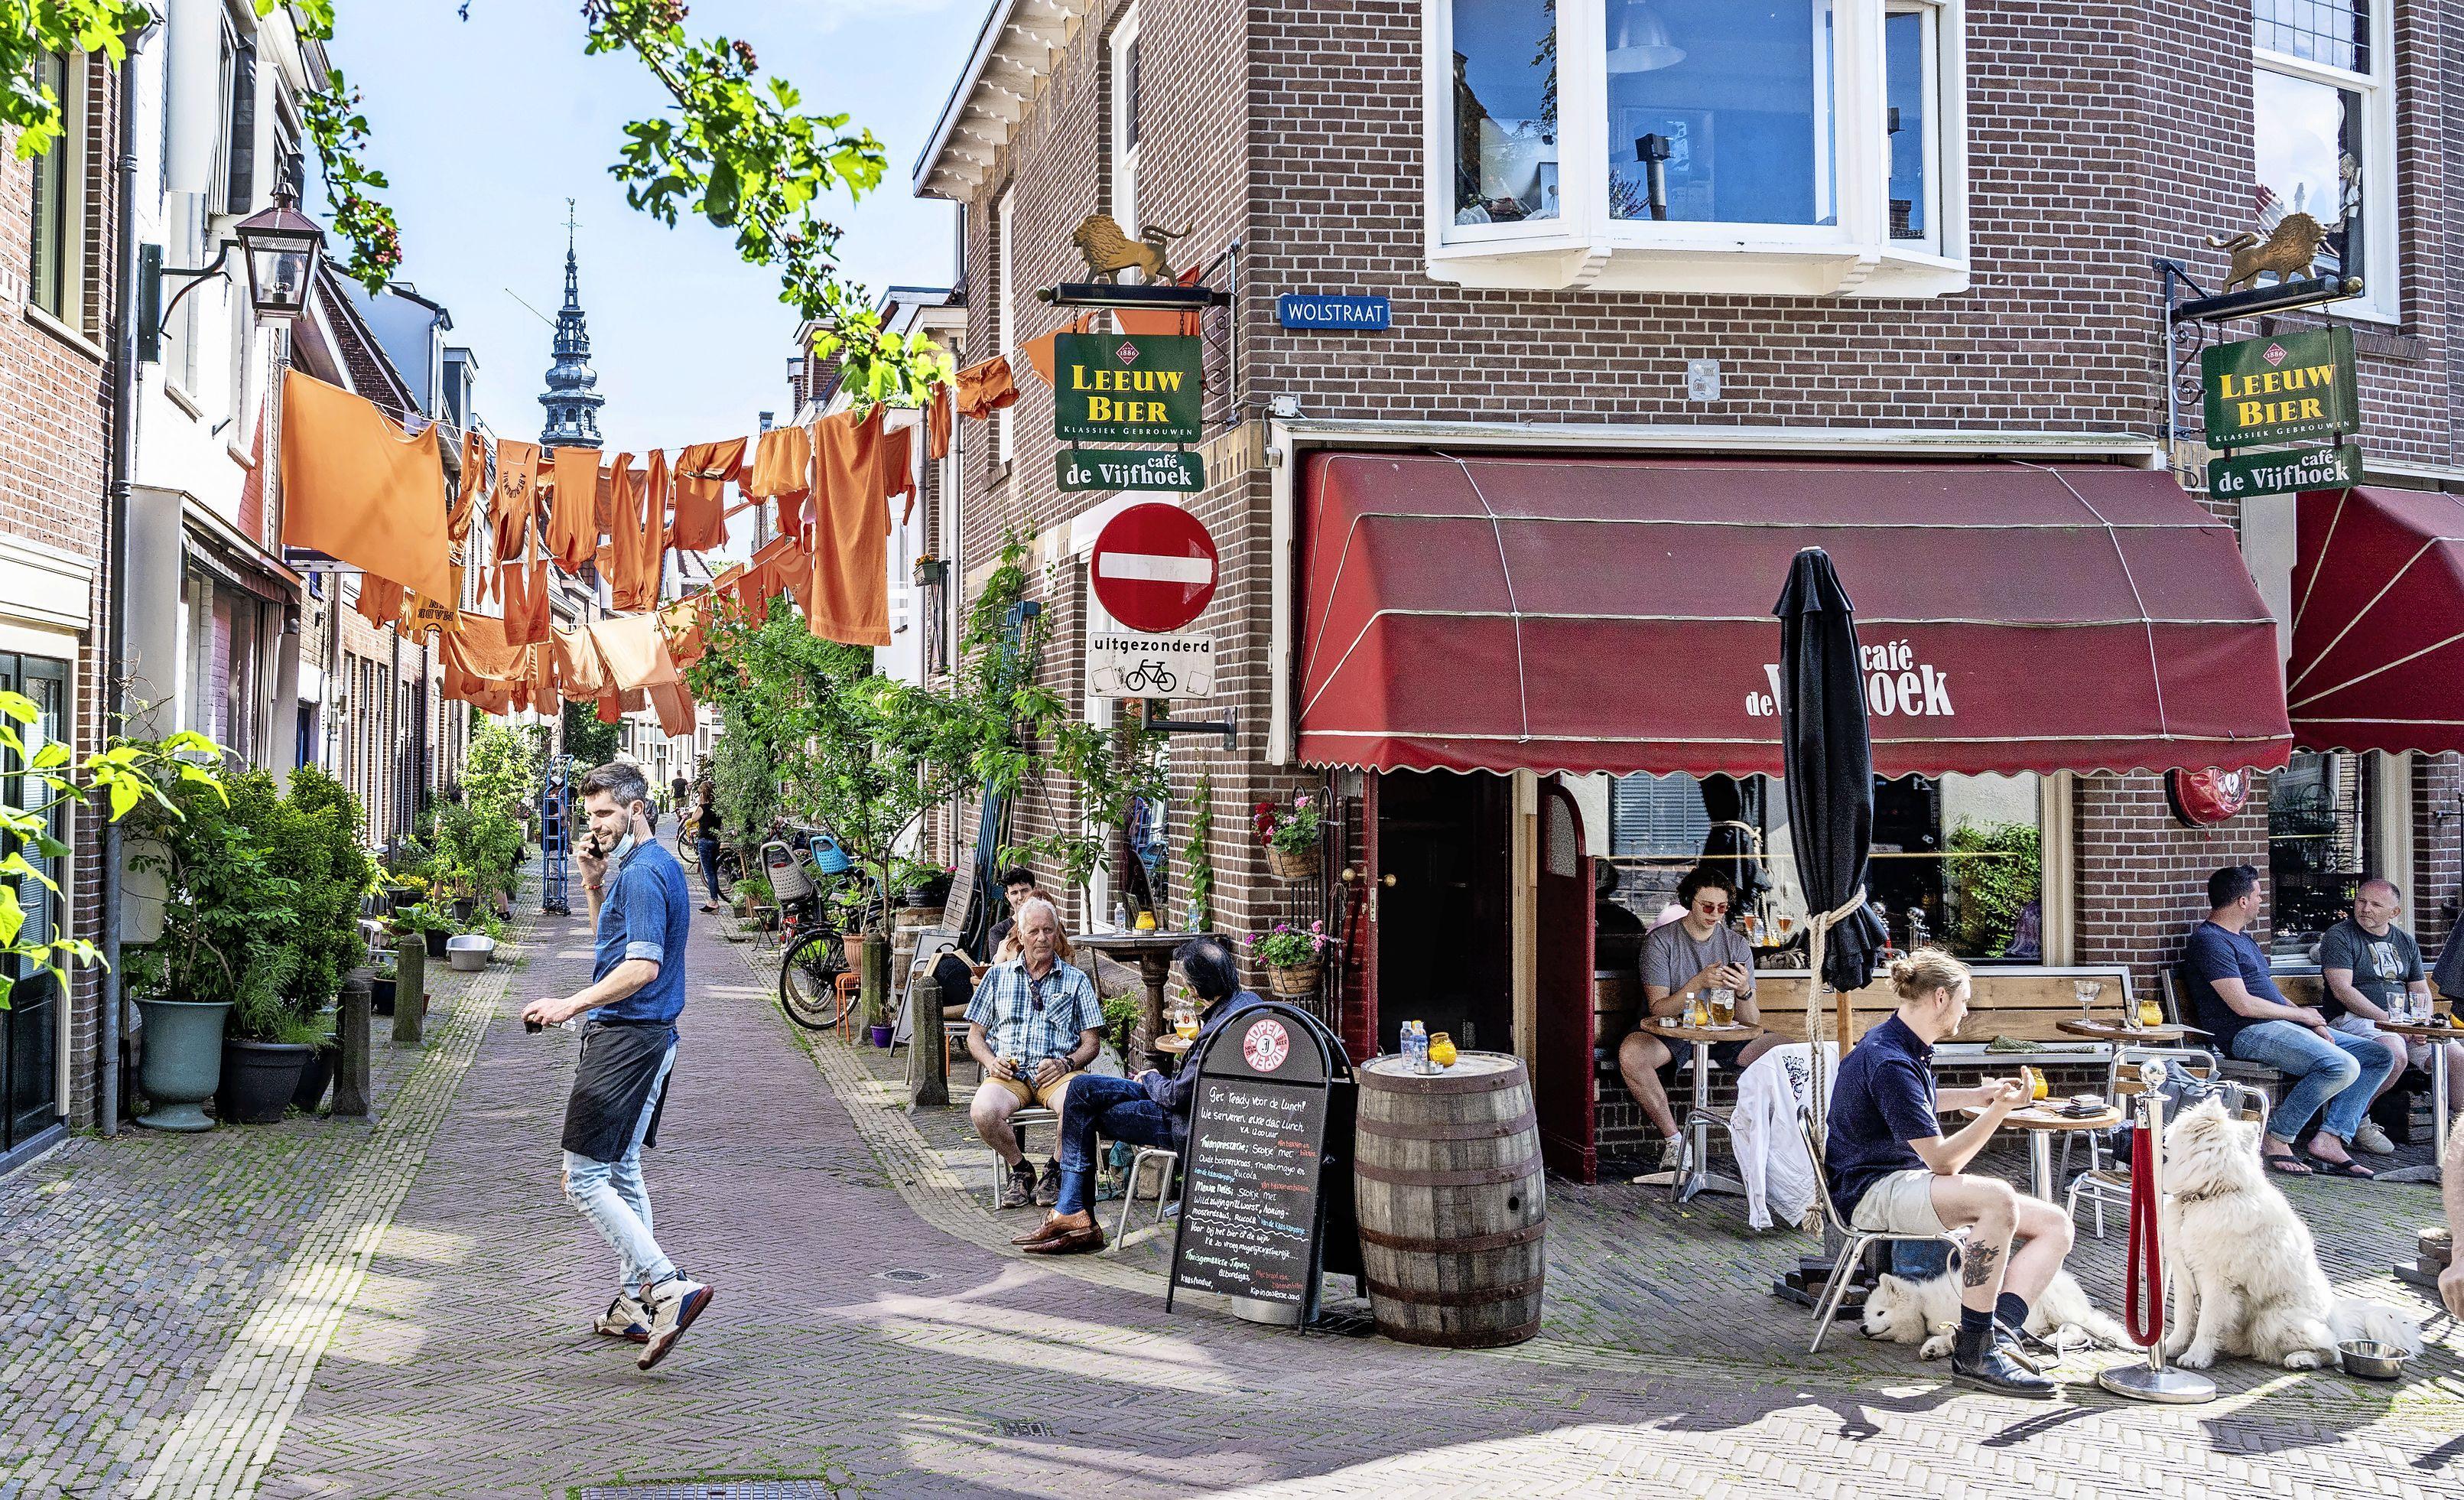 Zondag de eerste EK-wedstrijd van Oranje in cafés: 'Na de versoepelingen kreeg ik meteen reserveringen binnen'